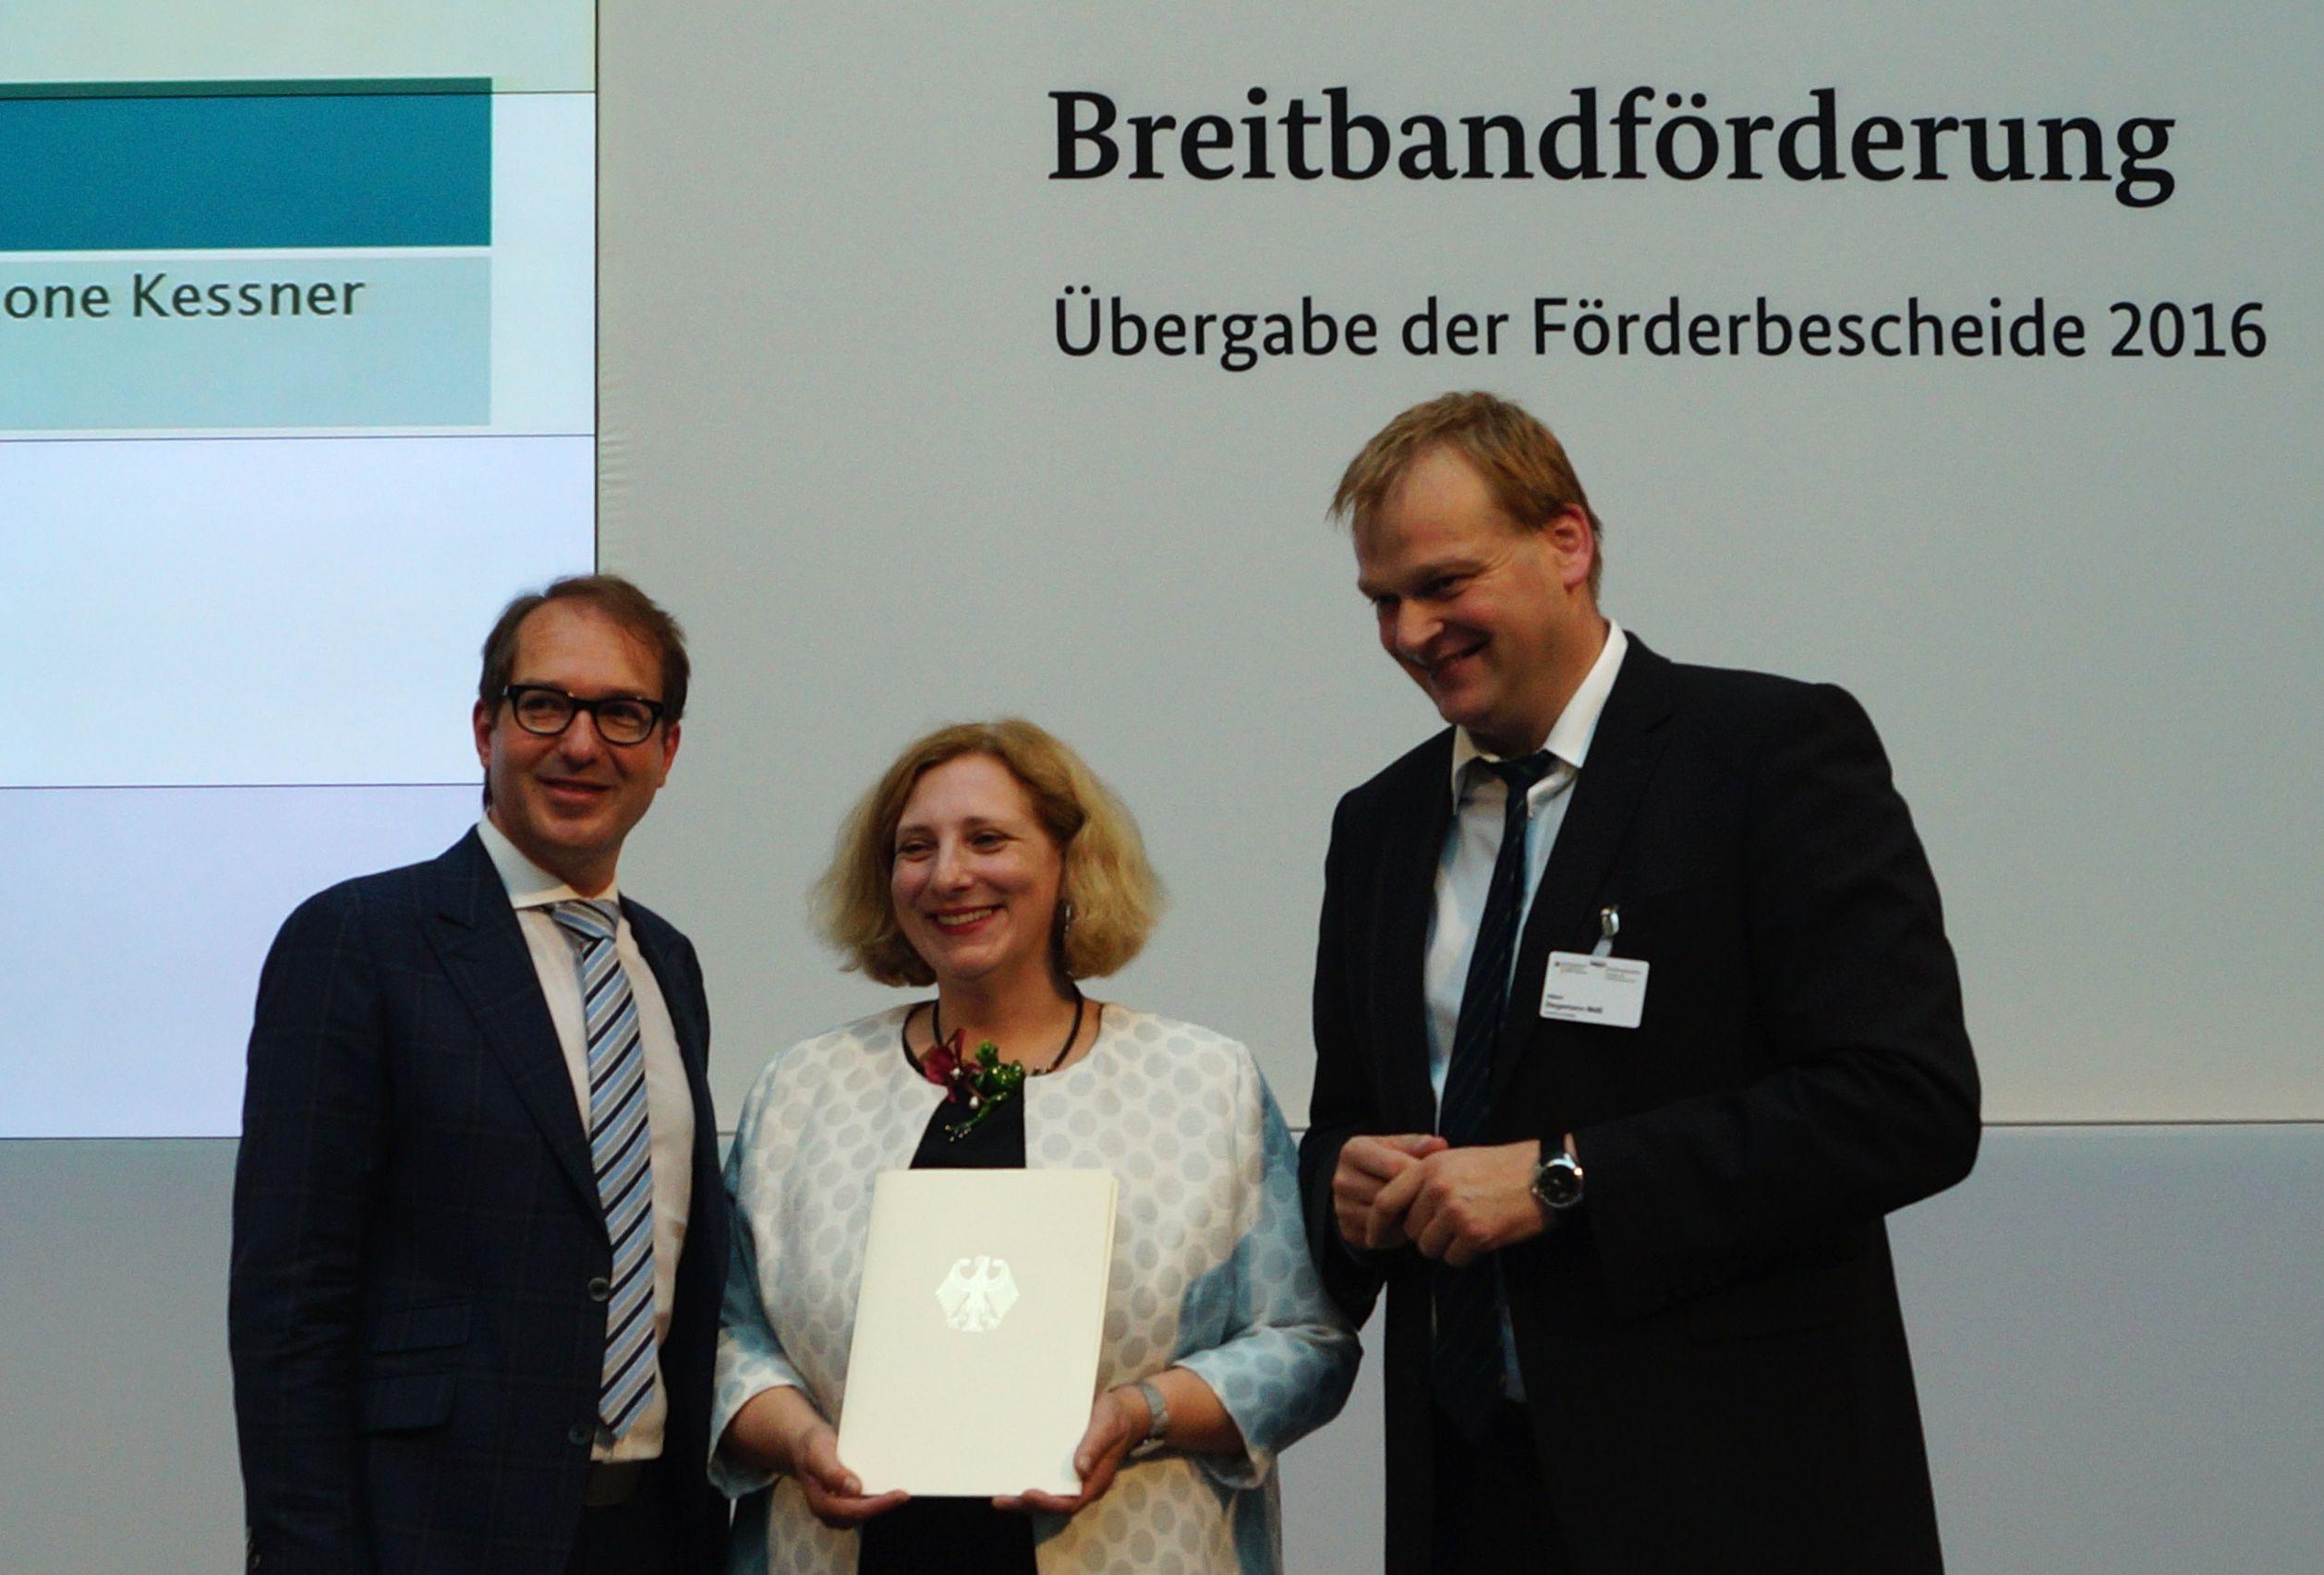 Alexander Dobrindt übergibt Förderbescheid an Dr. Daniela De Ridder